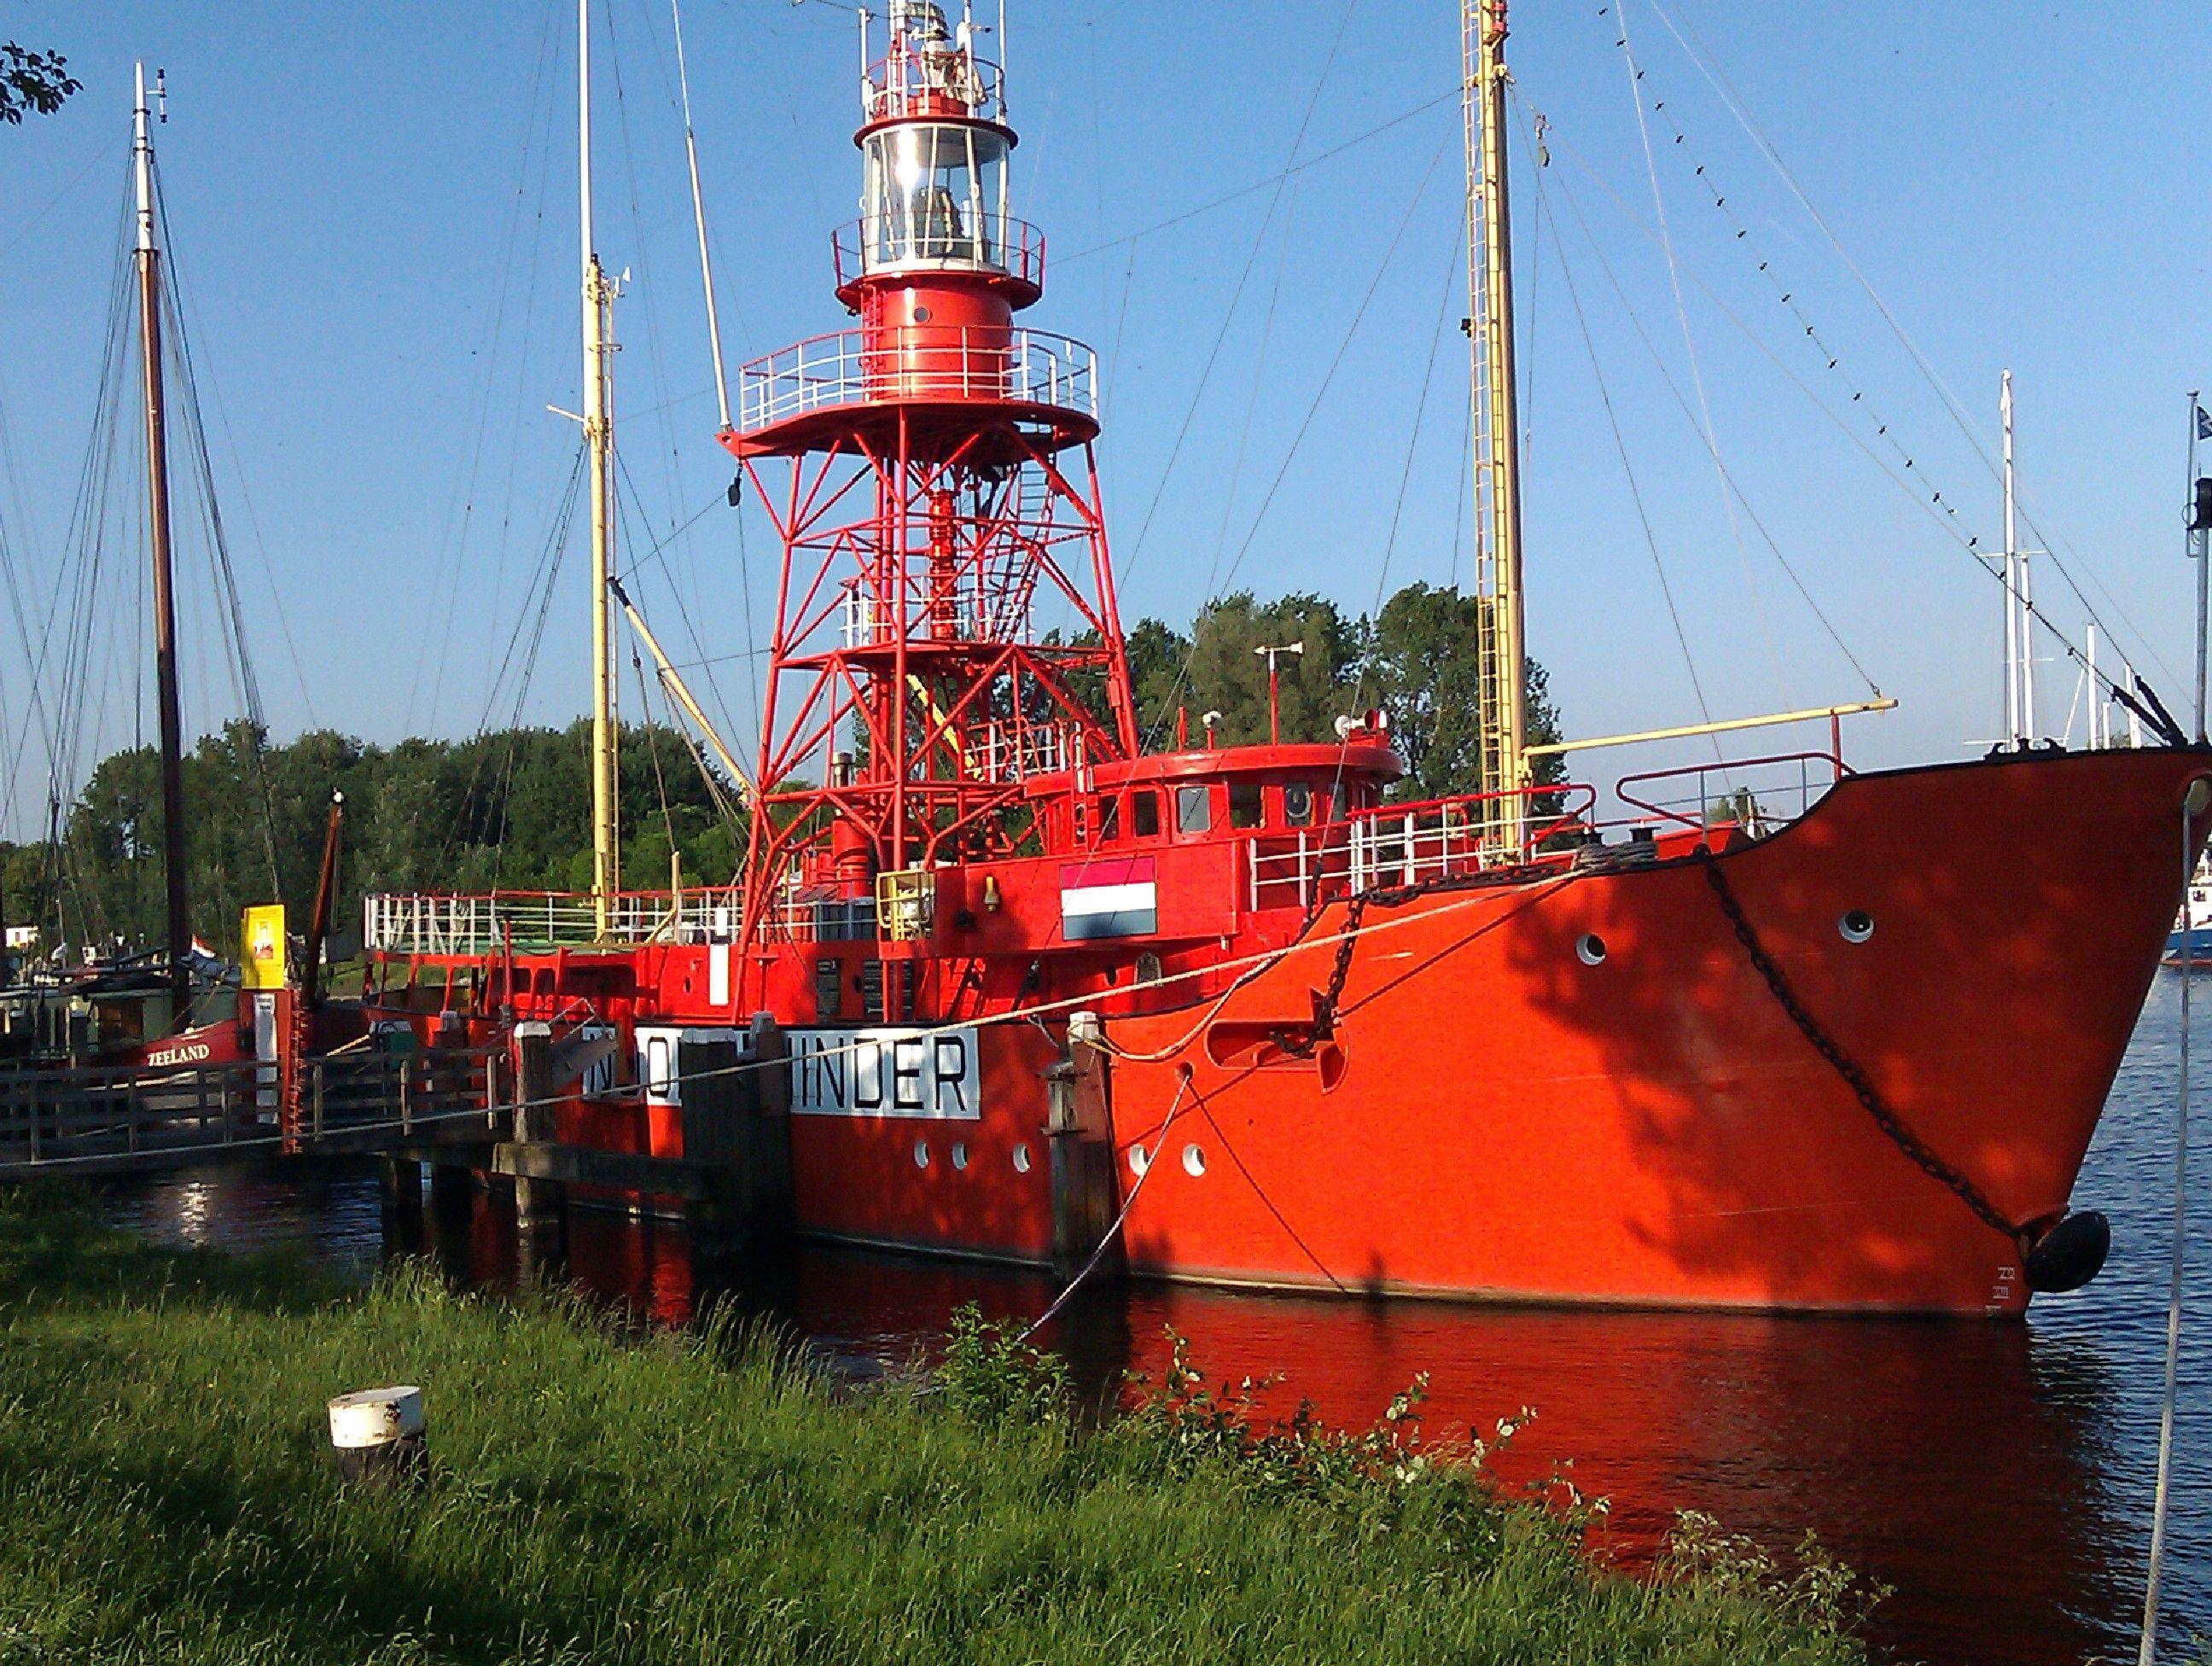 Lichtschip de Noordhinder, binnenkort te bewonderen aan de museumkade.